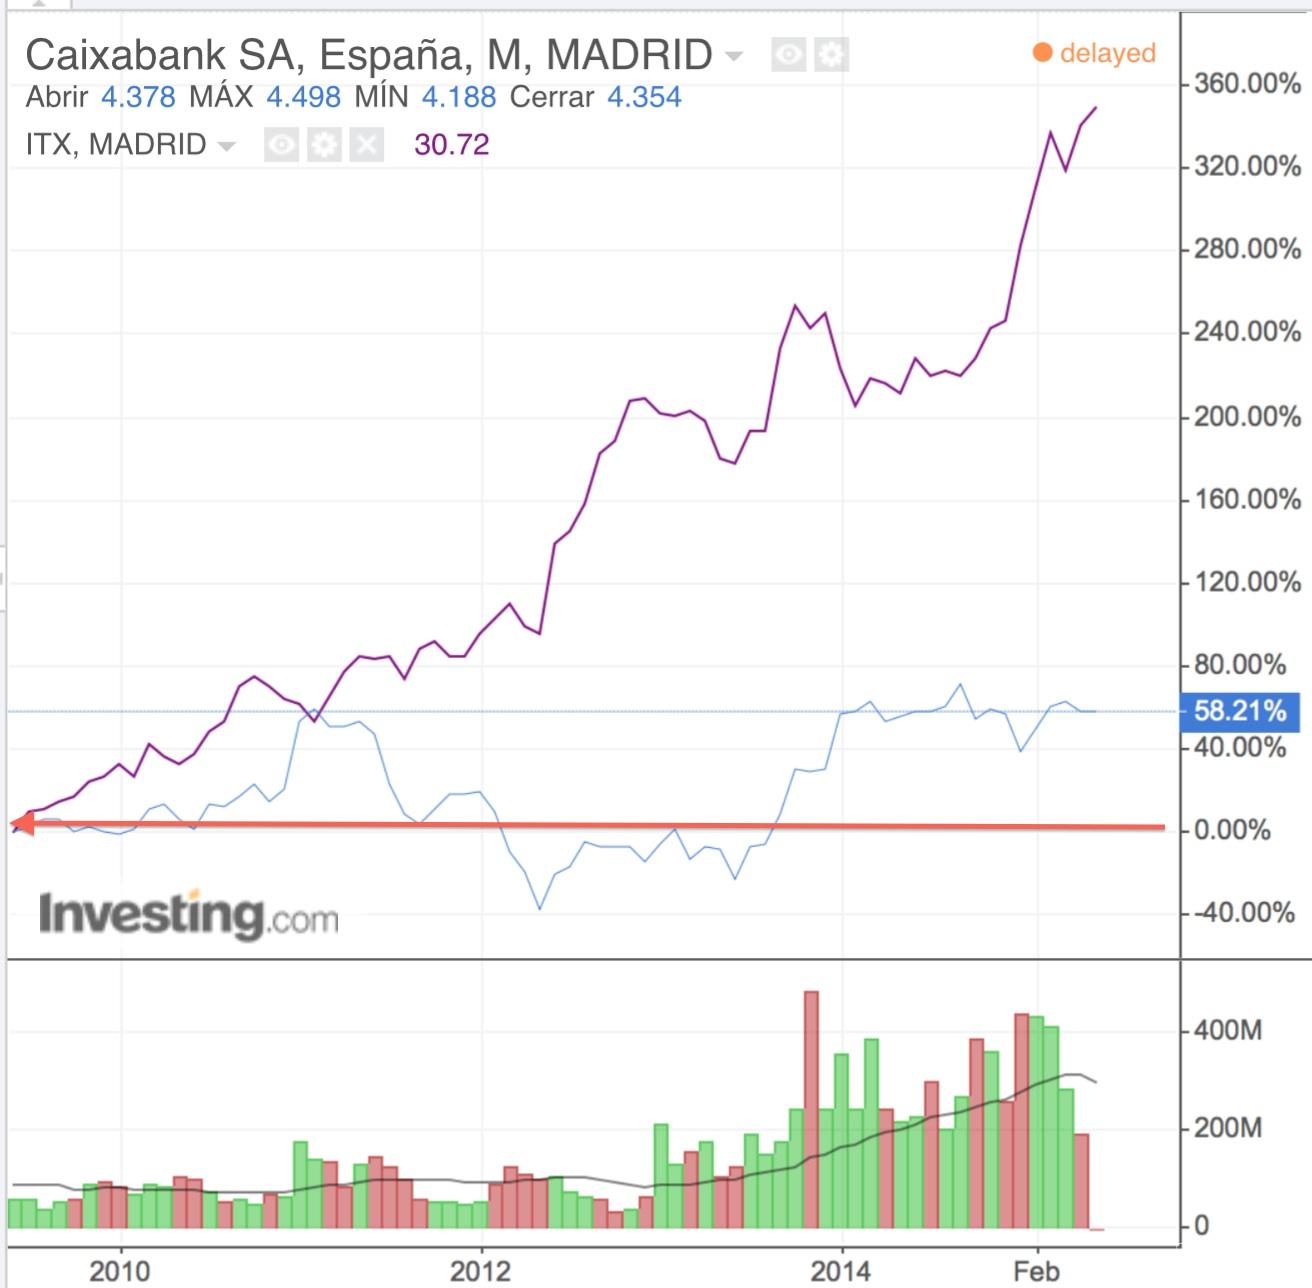 La Caixa Inditex cotizacion abril 2010 2015